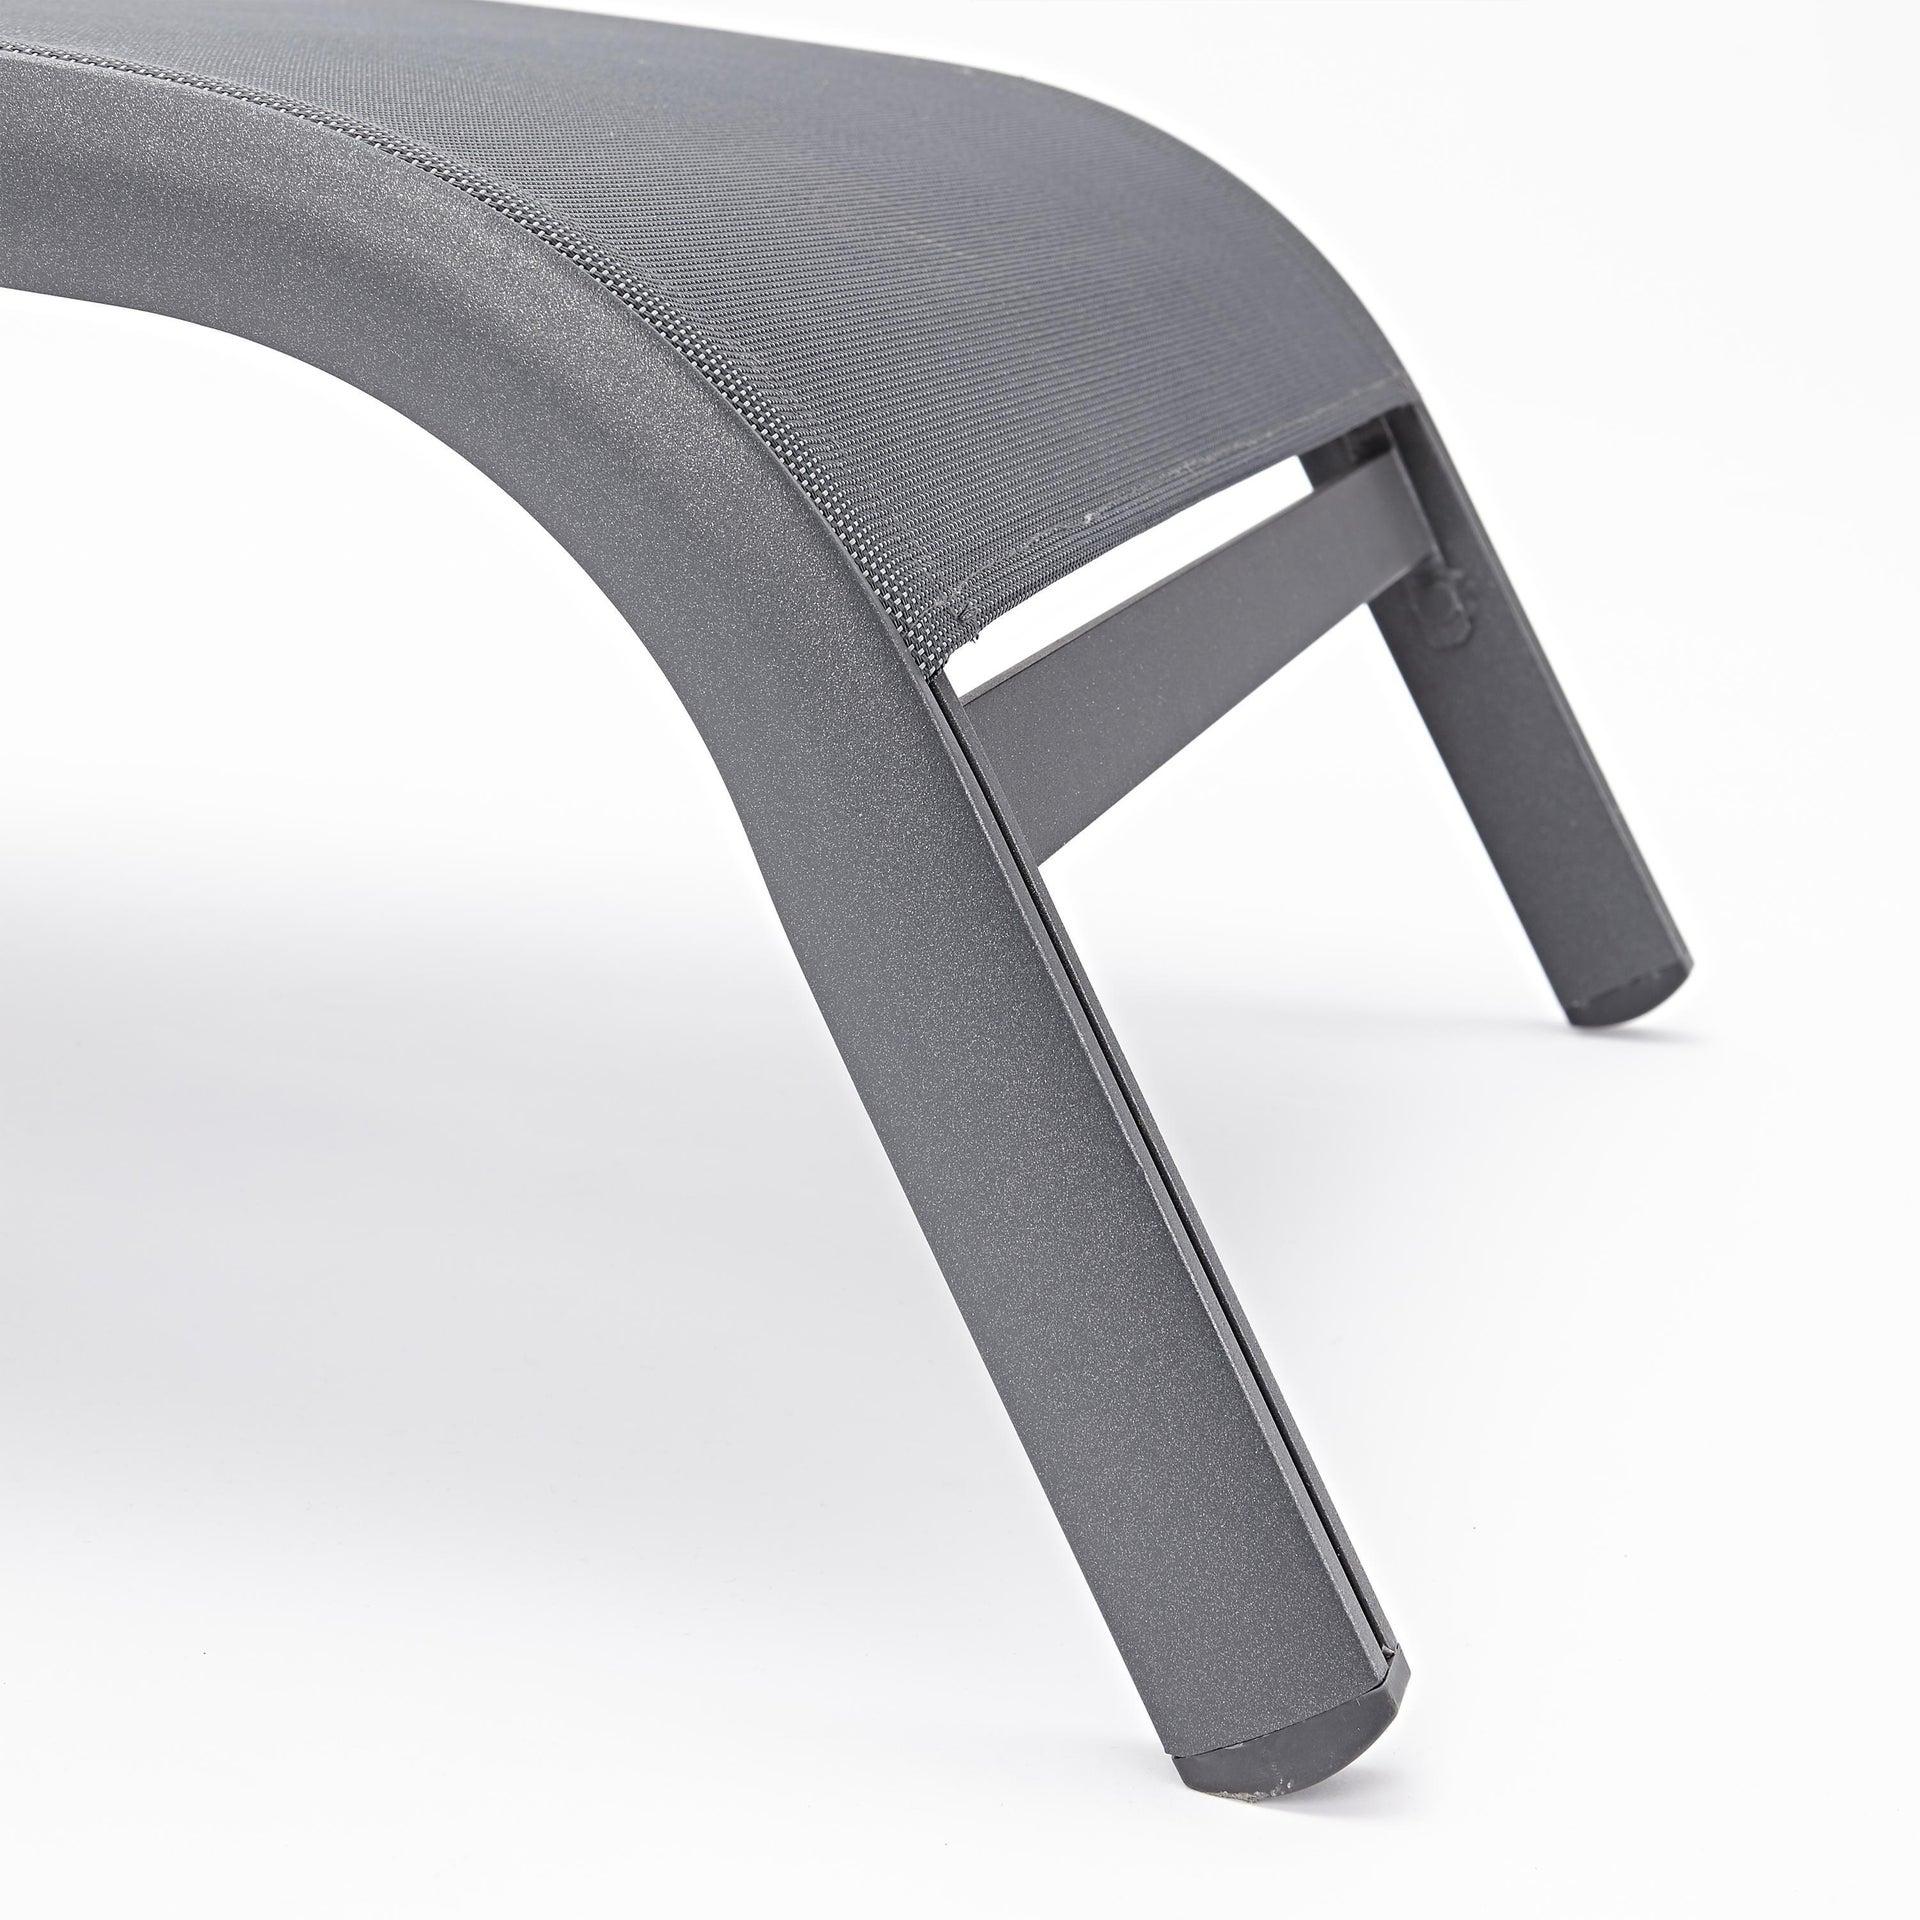 Lettino senza cuscino impilabile NATERIAL Lyra in alluminio grigio scuro - 2